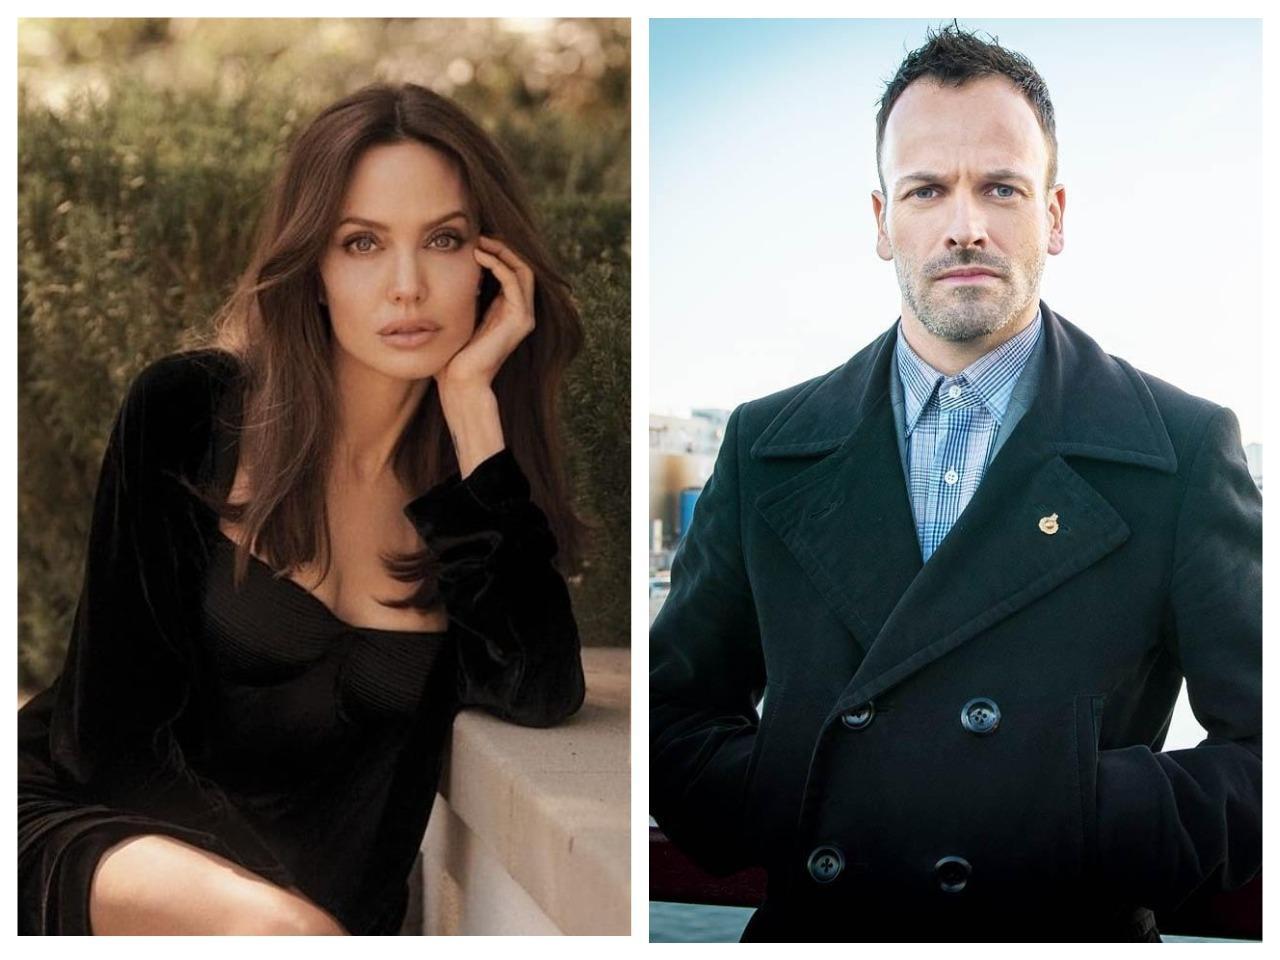 По стопам Лопес и Аффлека: Анджелину Джоли заметили на свидании с бывшим мужем